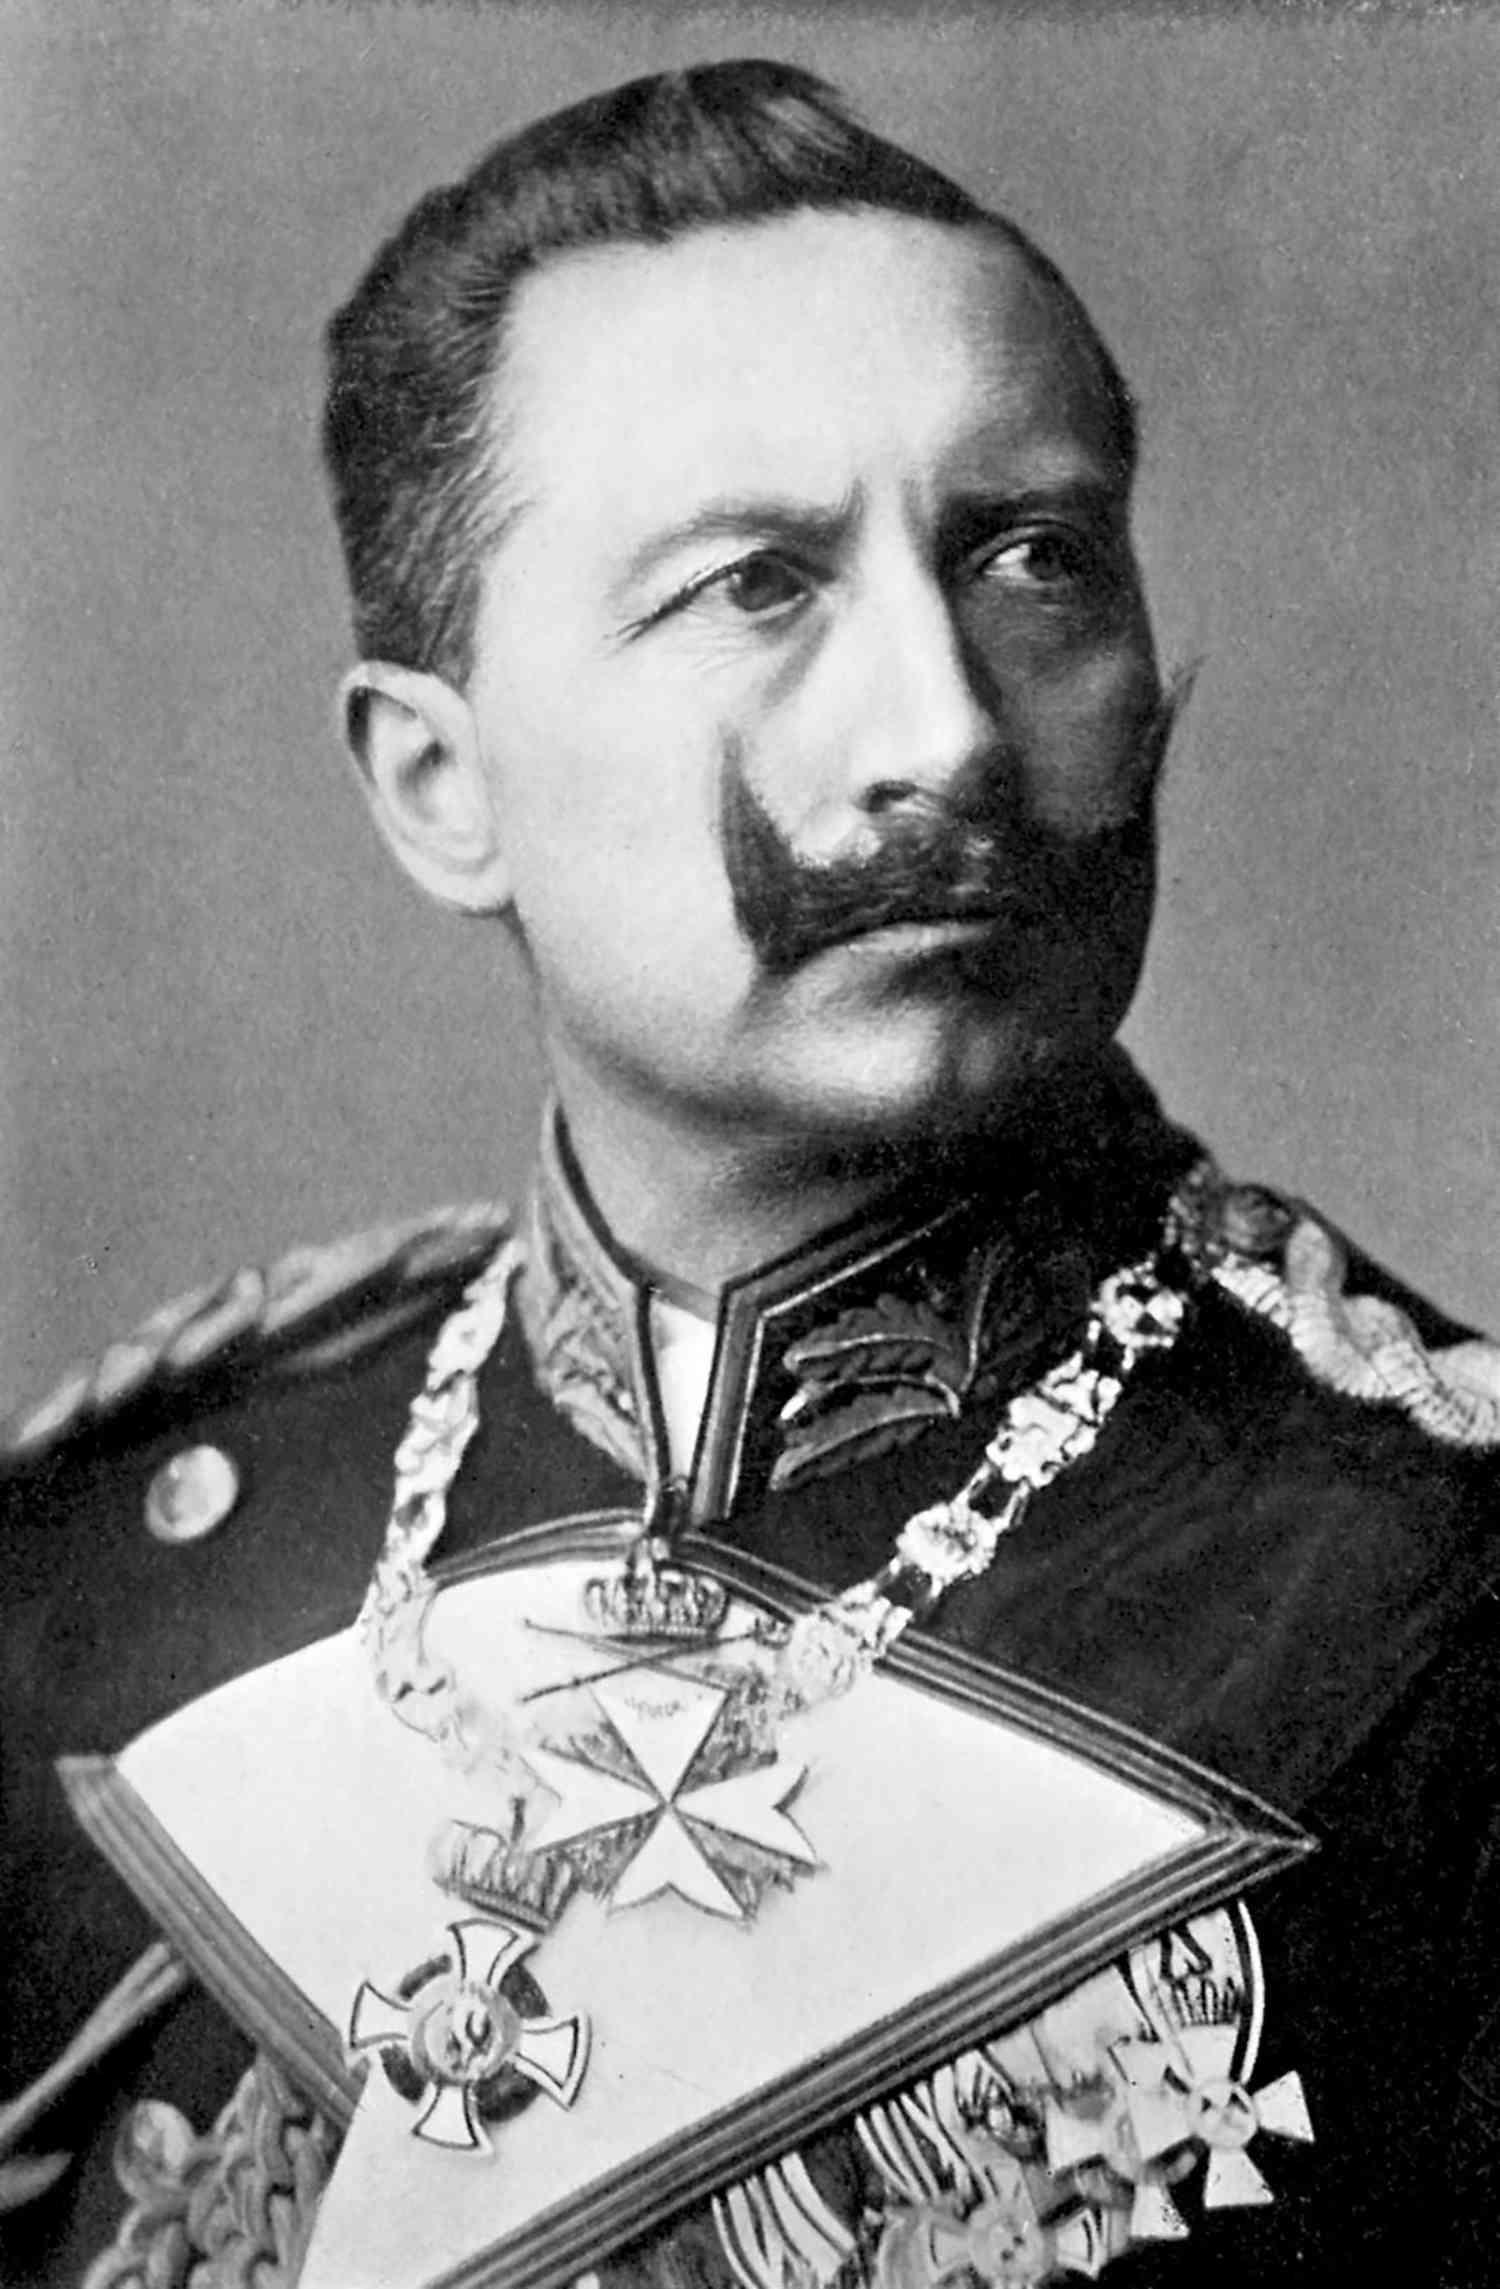 Wilhelm II , German Emperor from 1888 - 1941